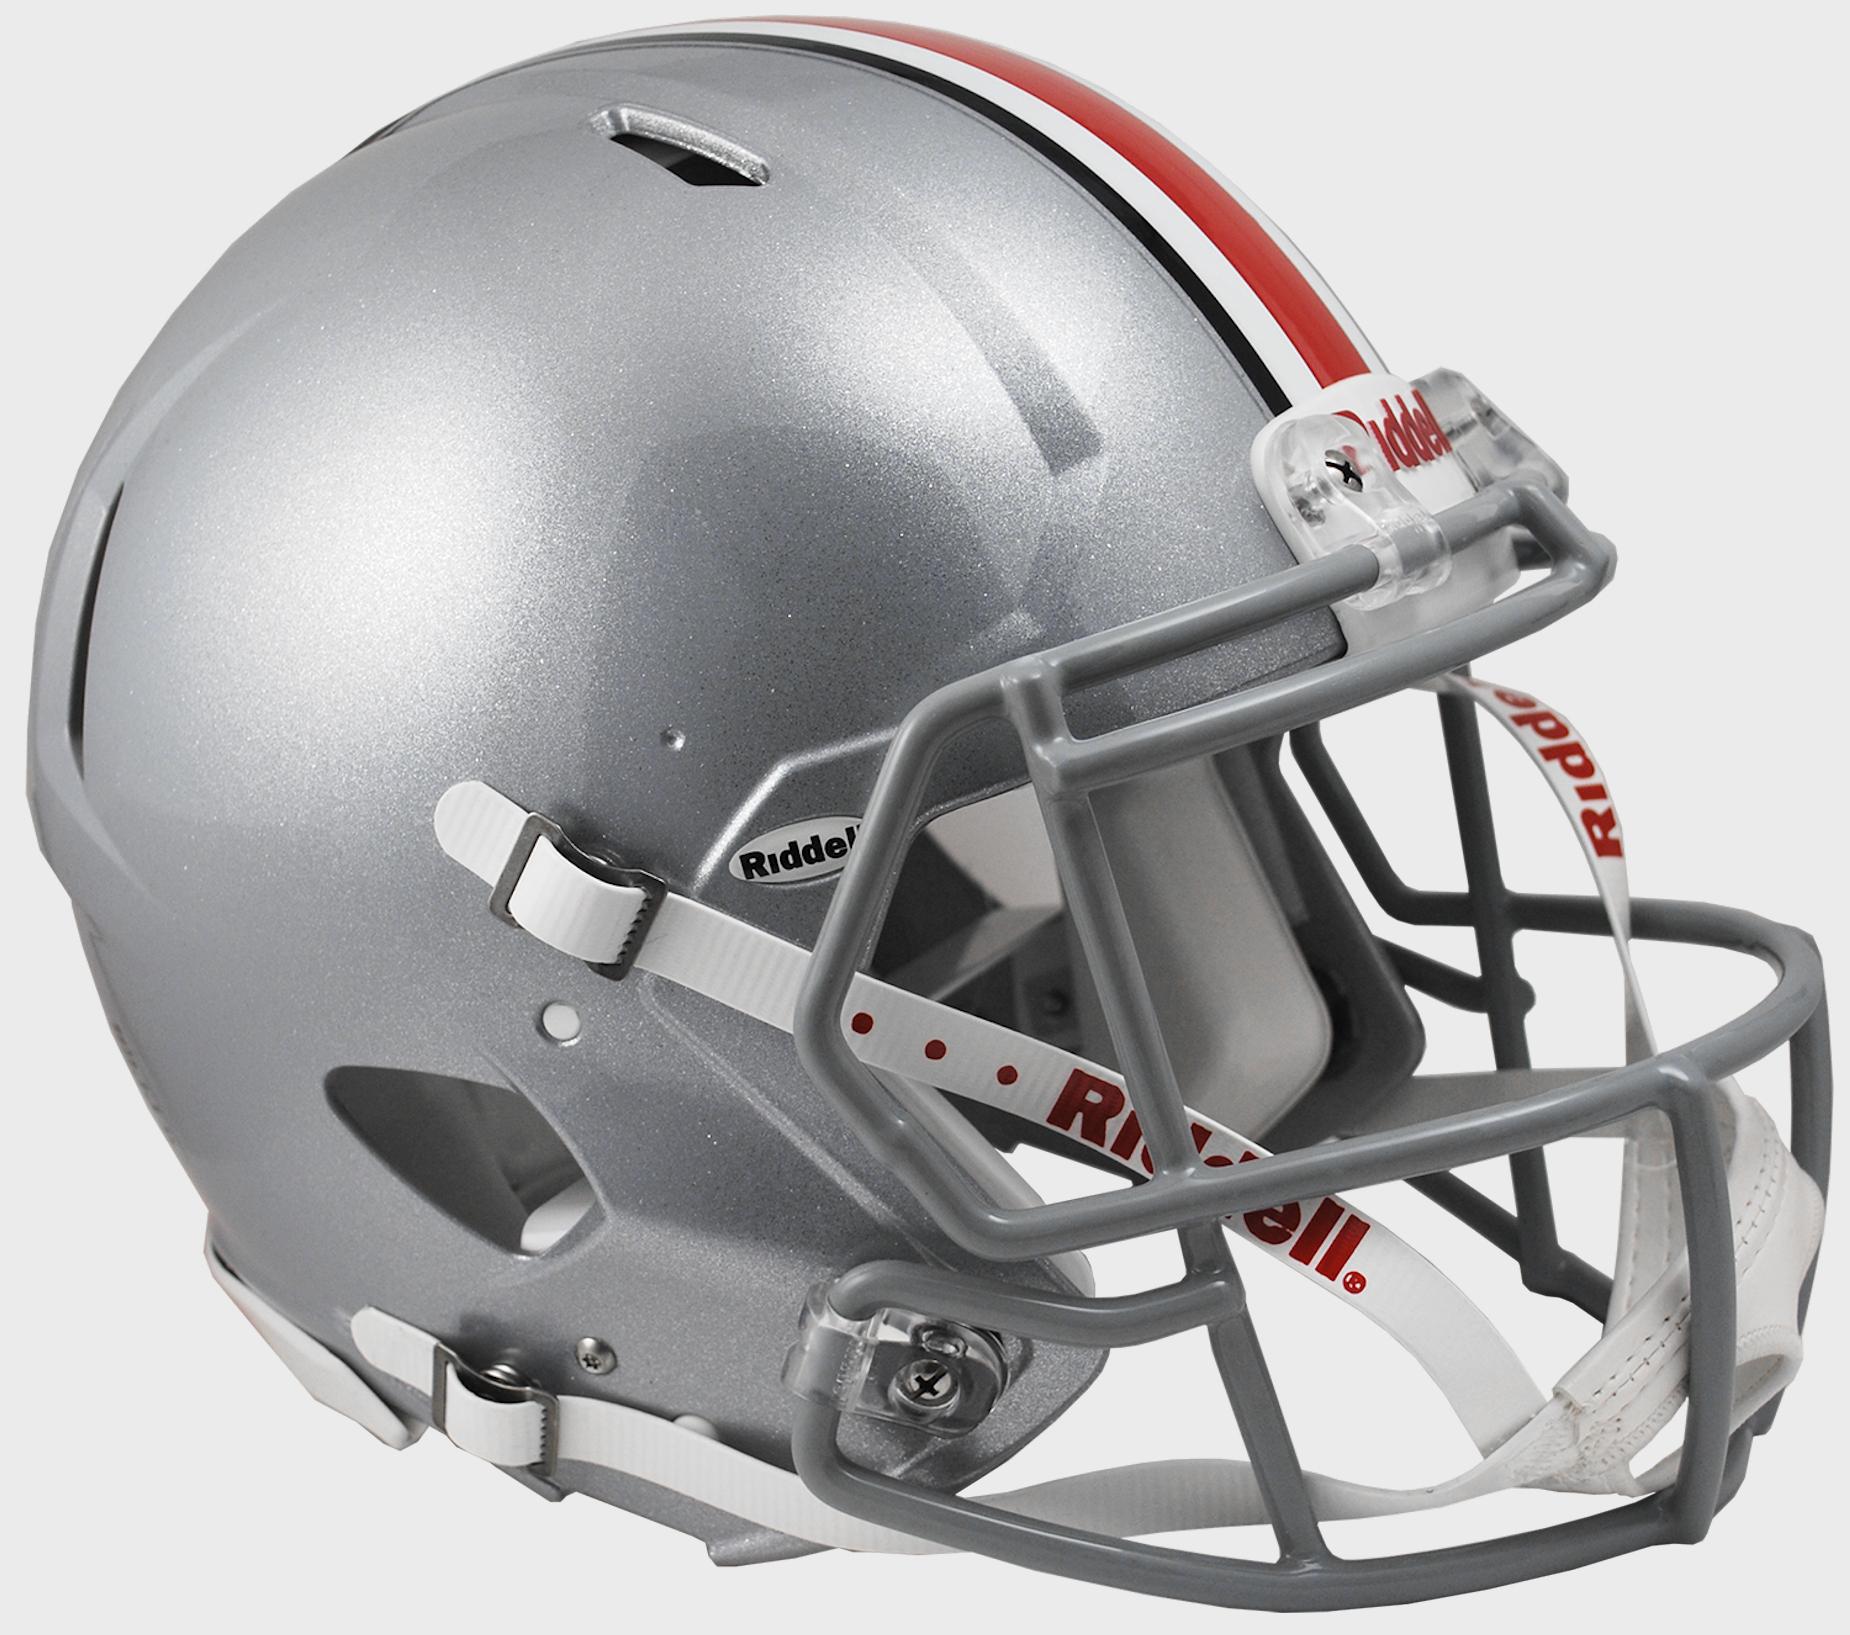 Ohio State Buckeyes Speed Football Helmet